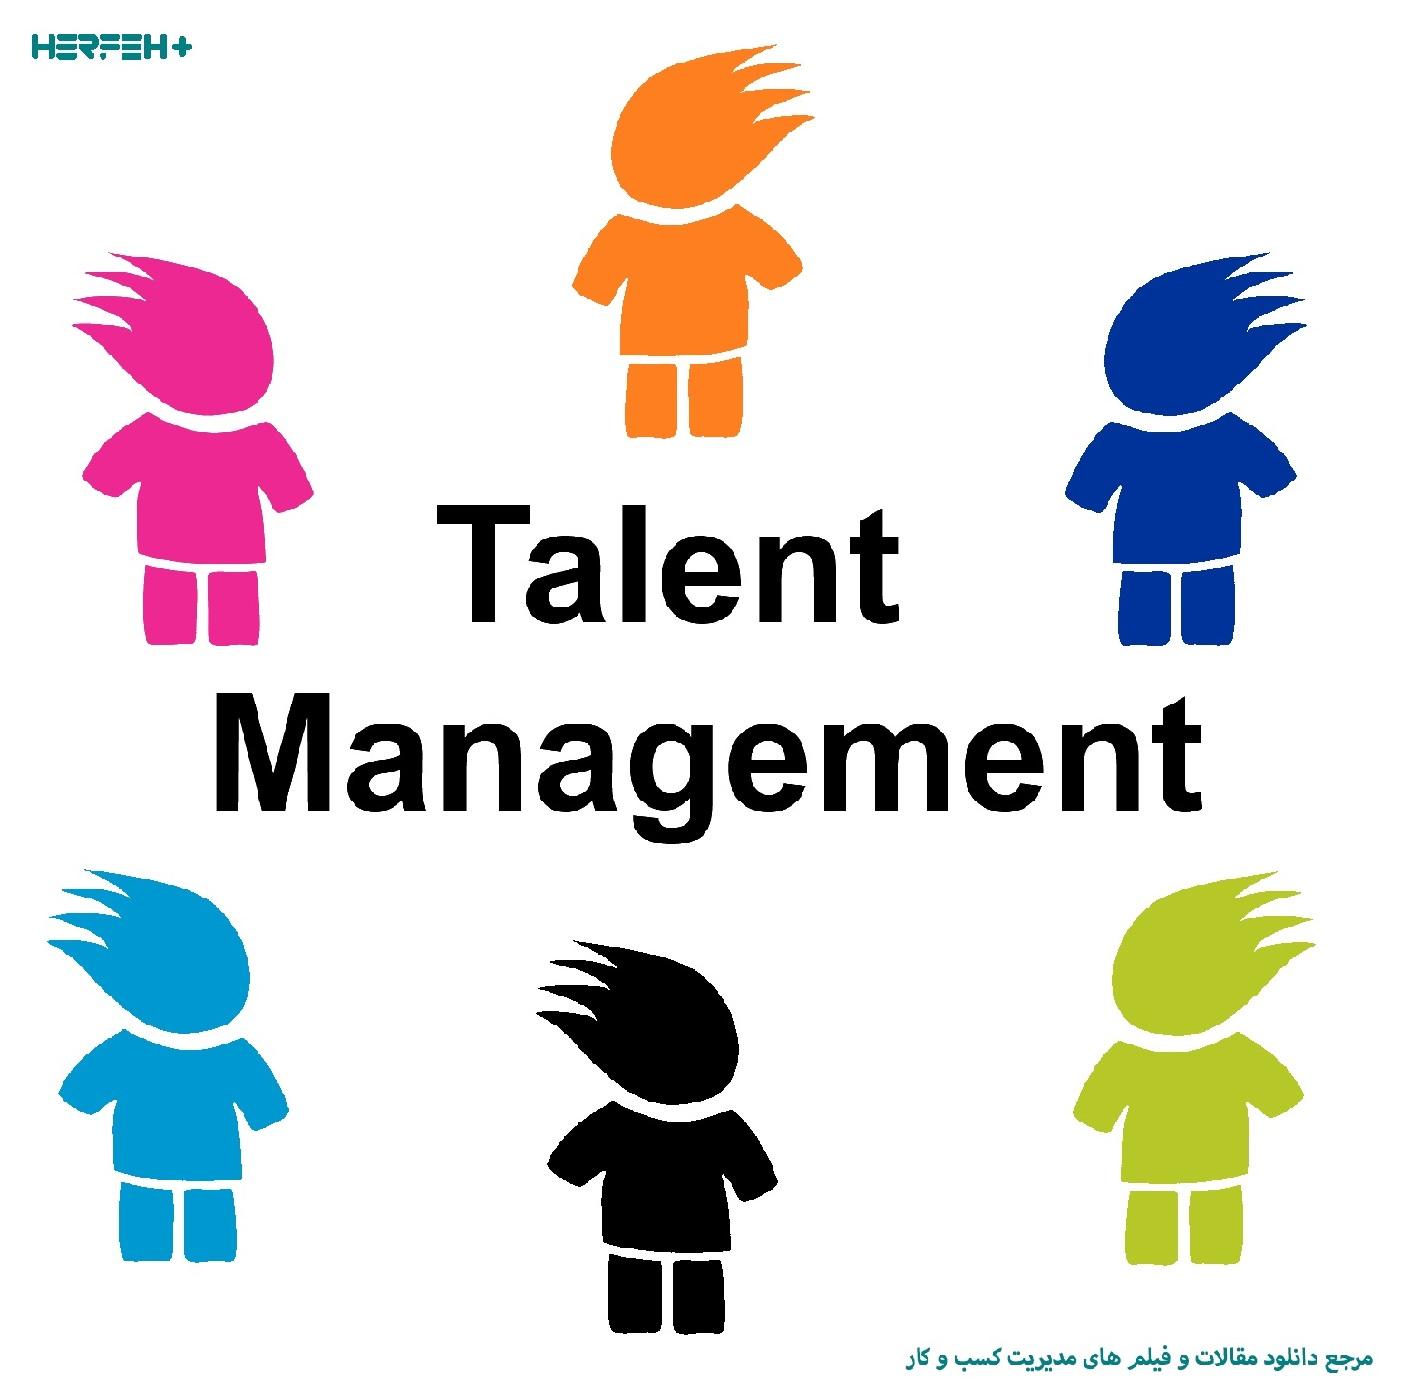 تصویر مربوط به مدیریت استعداد